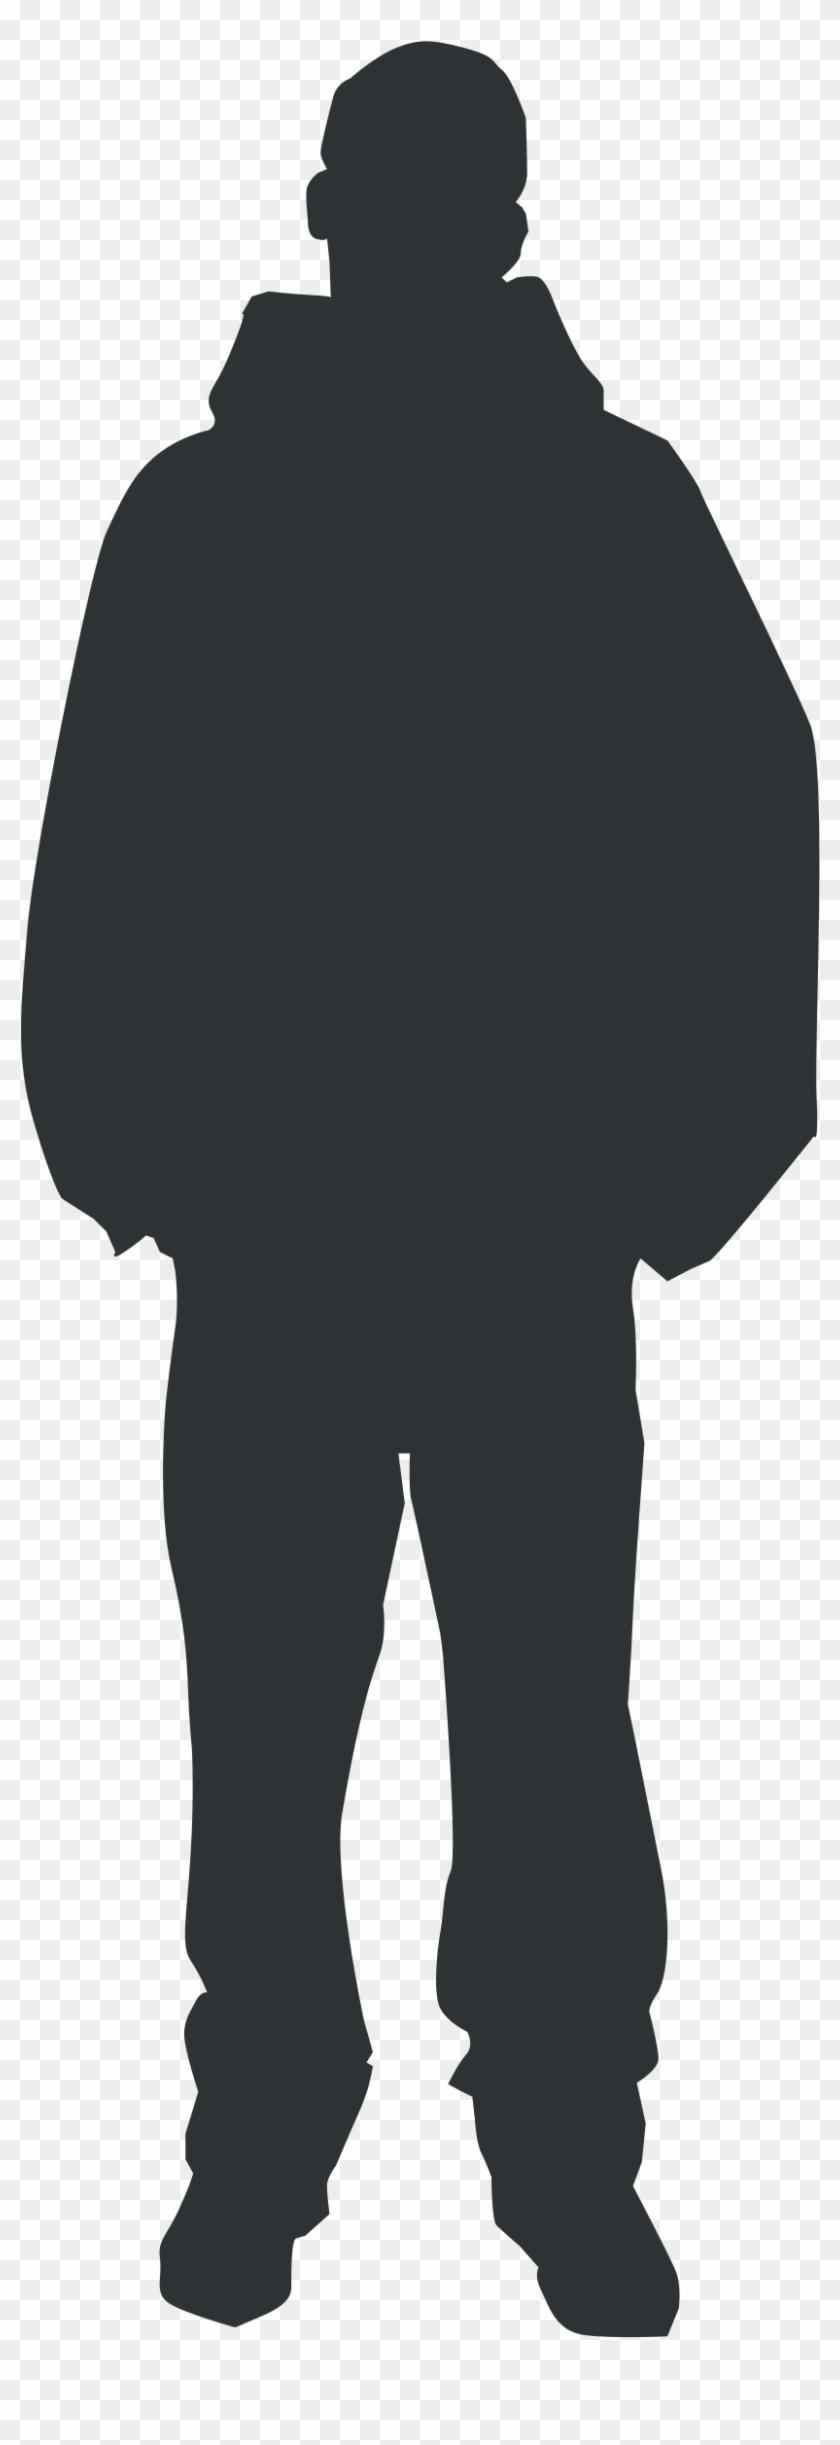 Clipart Superb Person Outline Onlinelabels Clip Art - Person Outline #115701